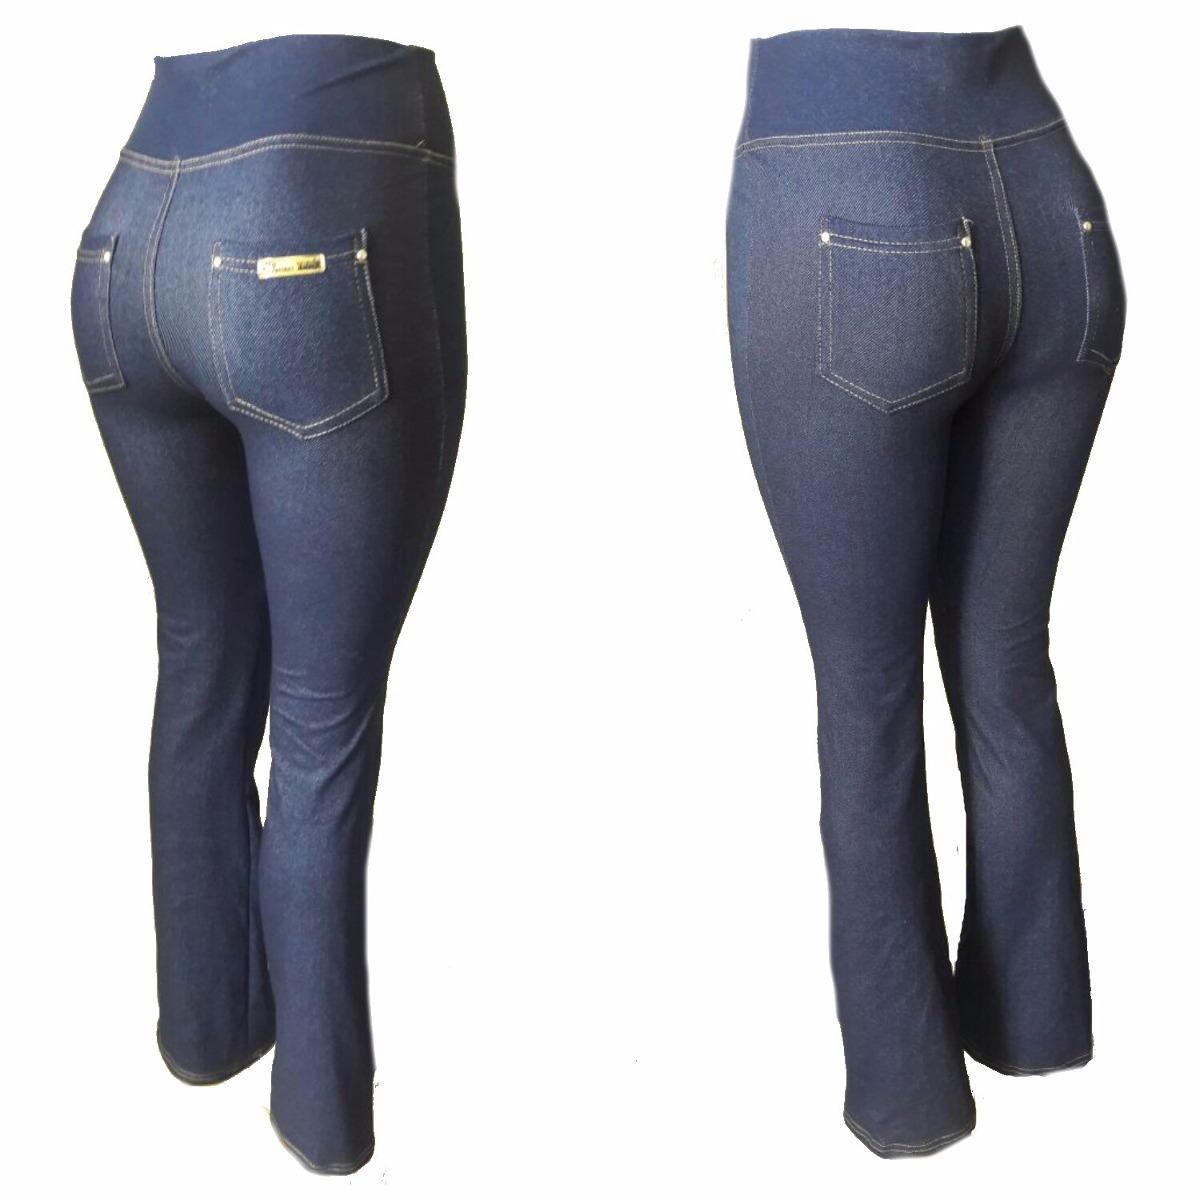 42e4ac725c68d Calça Flare Cotom Jeans Com Bolso Atrás P M G Gg - R  45